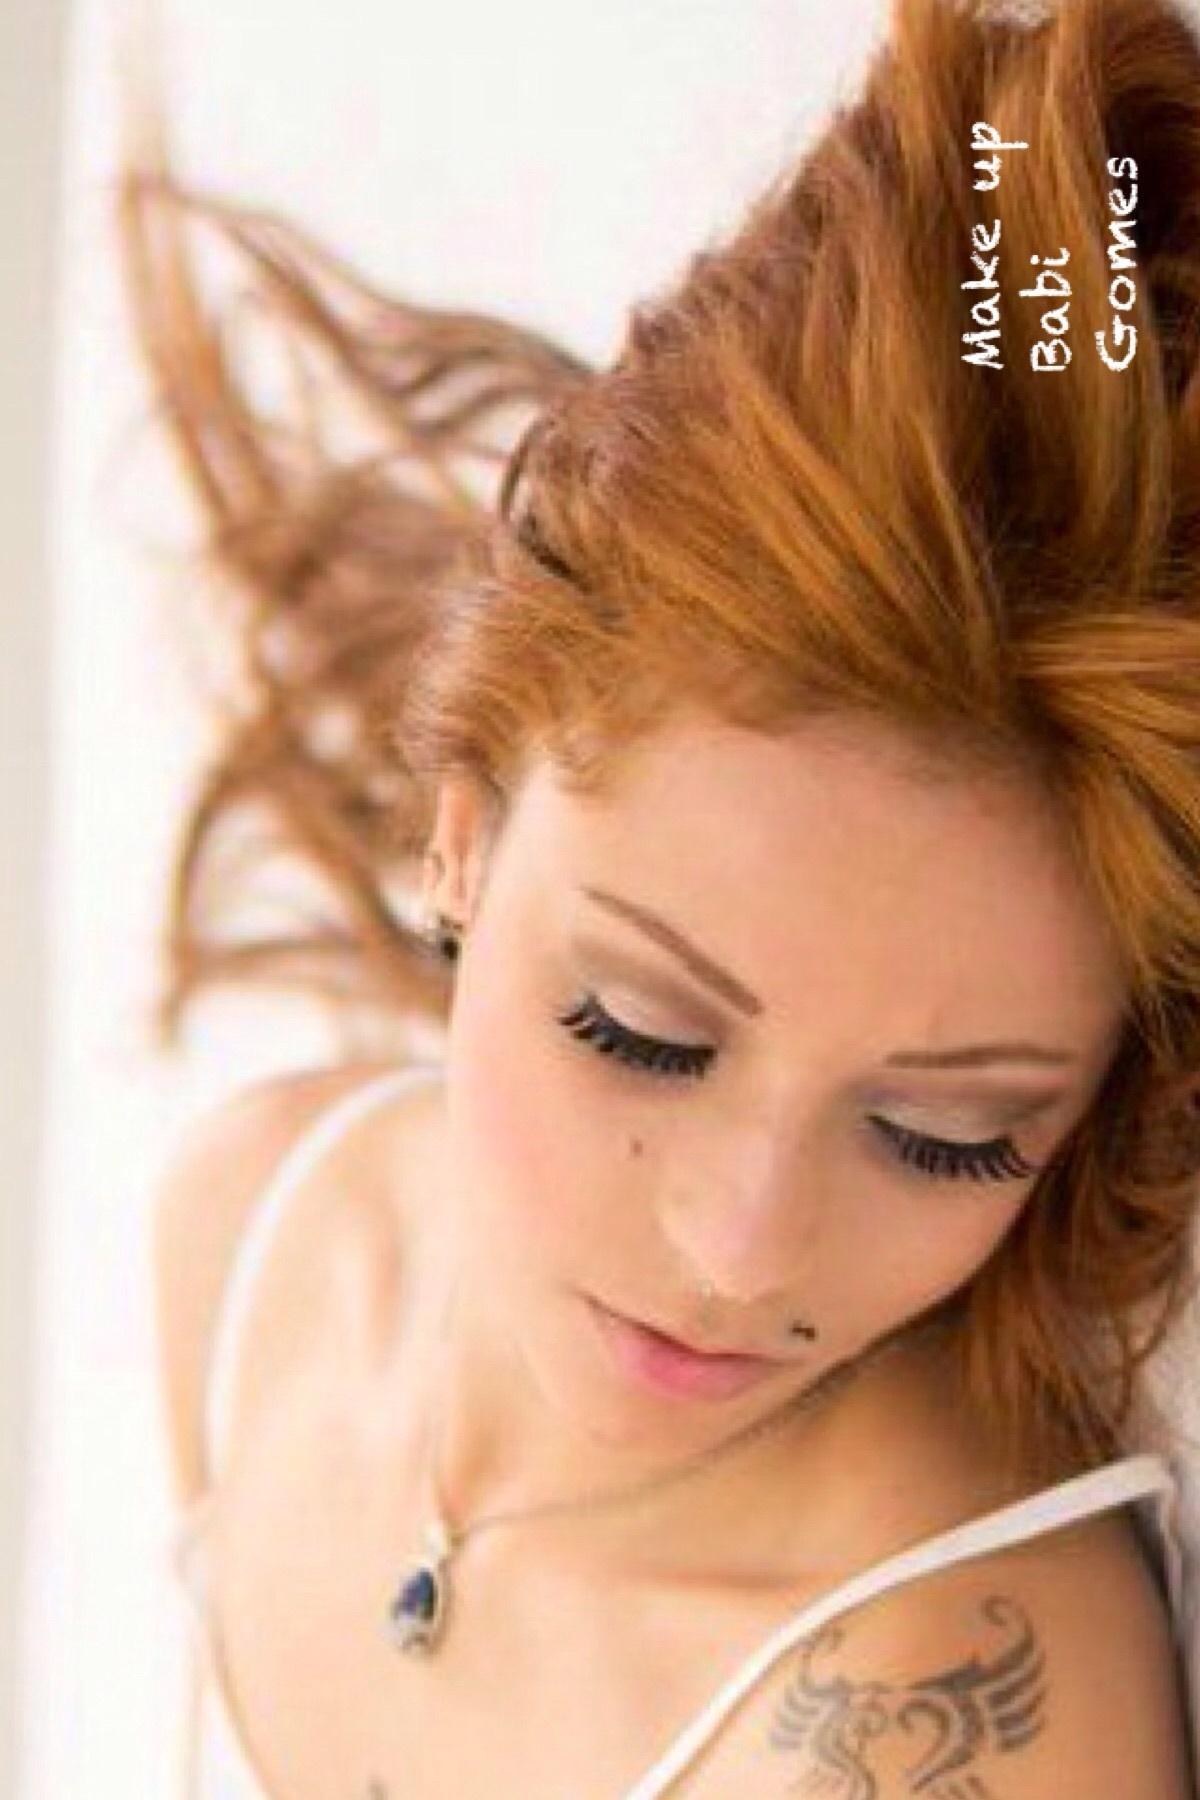 Maquiagem  dermopigmentador(a) designer de sobrancelhas maquiador(a) micropigmentador(a)